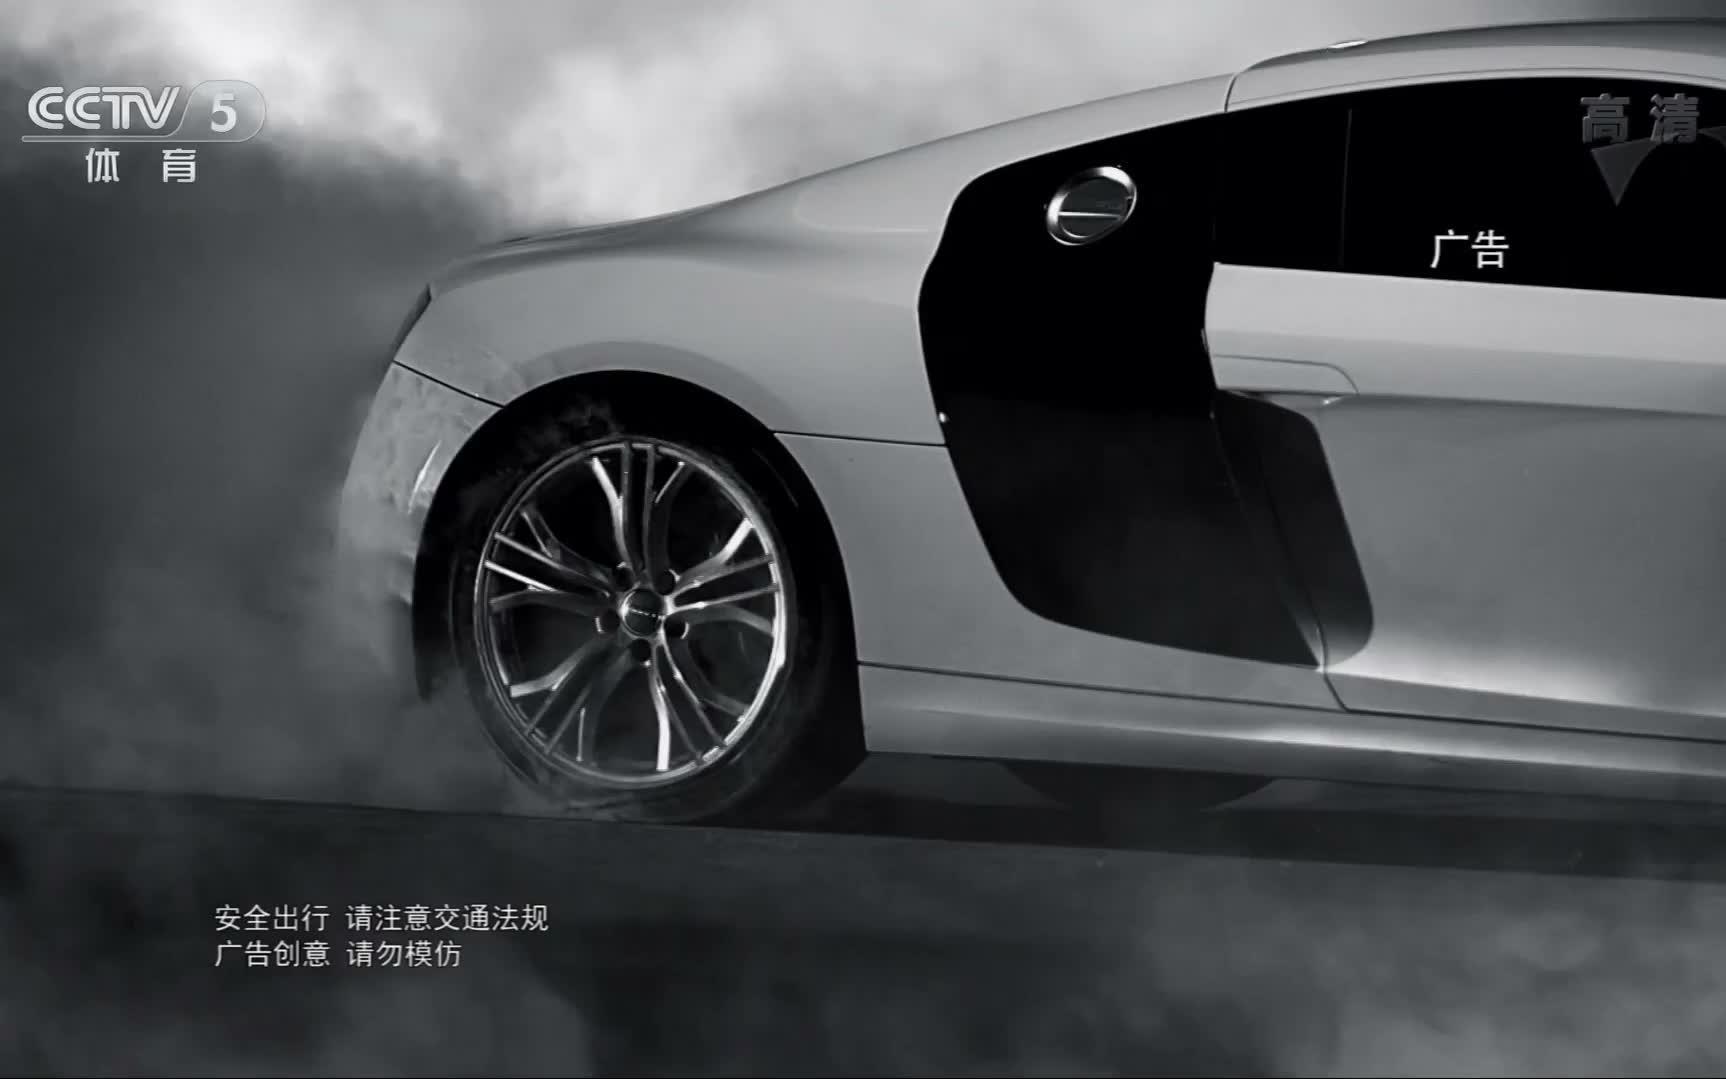 央视广告欣赏-韩泰轮胎-2